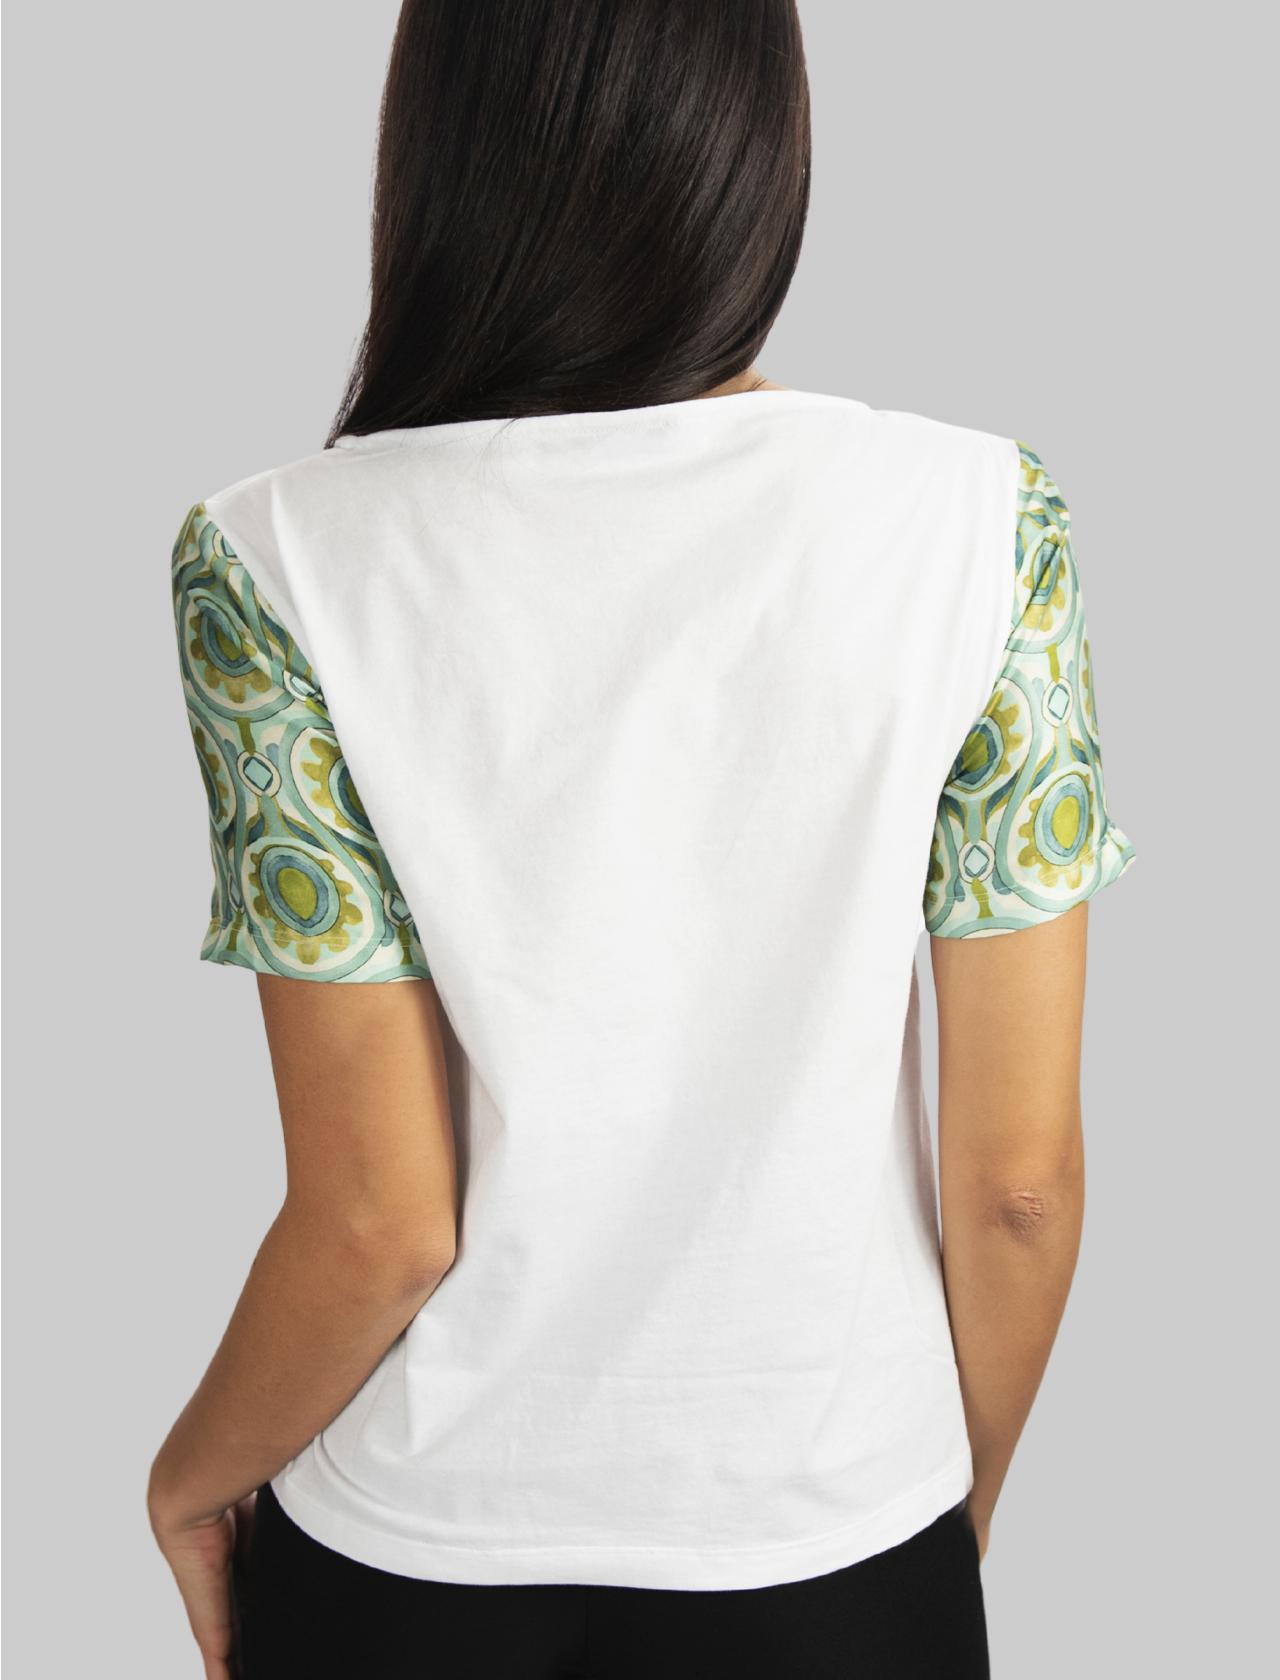 Abbigliamento Donna T-shirt Patch in Puro Cotone Bianco e Mezza Manica a Fantasia Maliparmi | T-shirt e Canotte | JK02057049510000